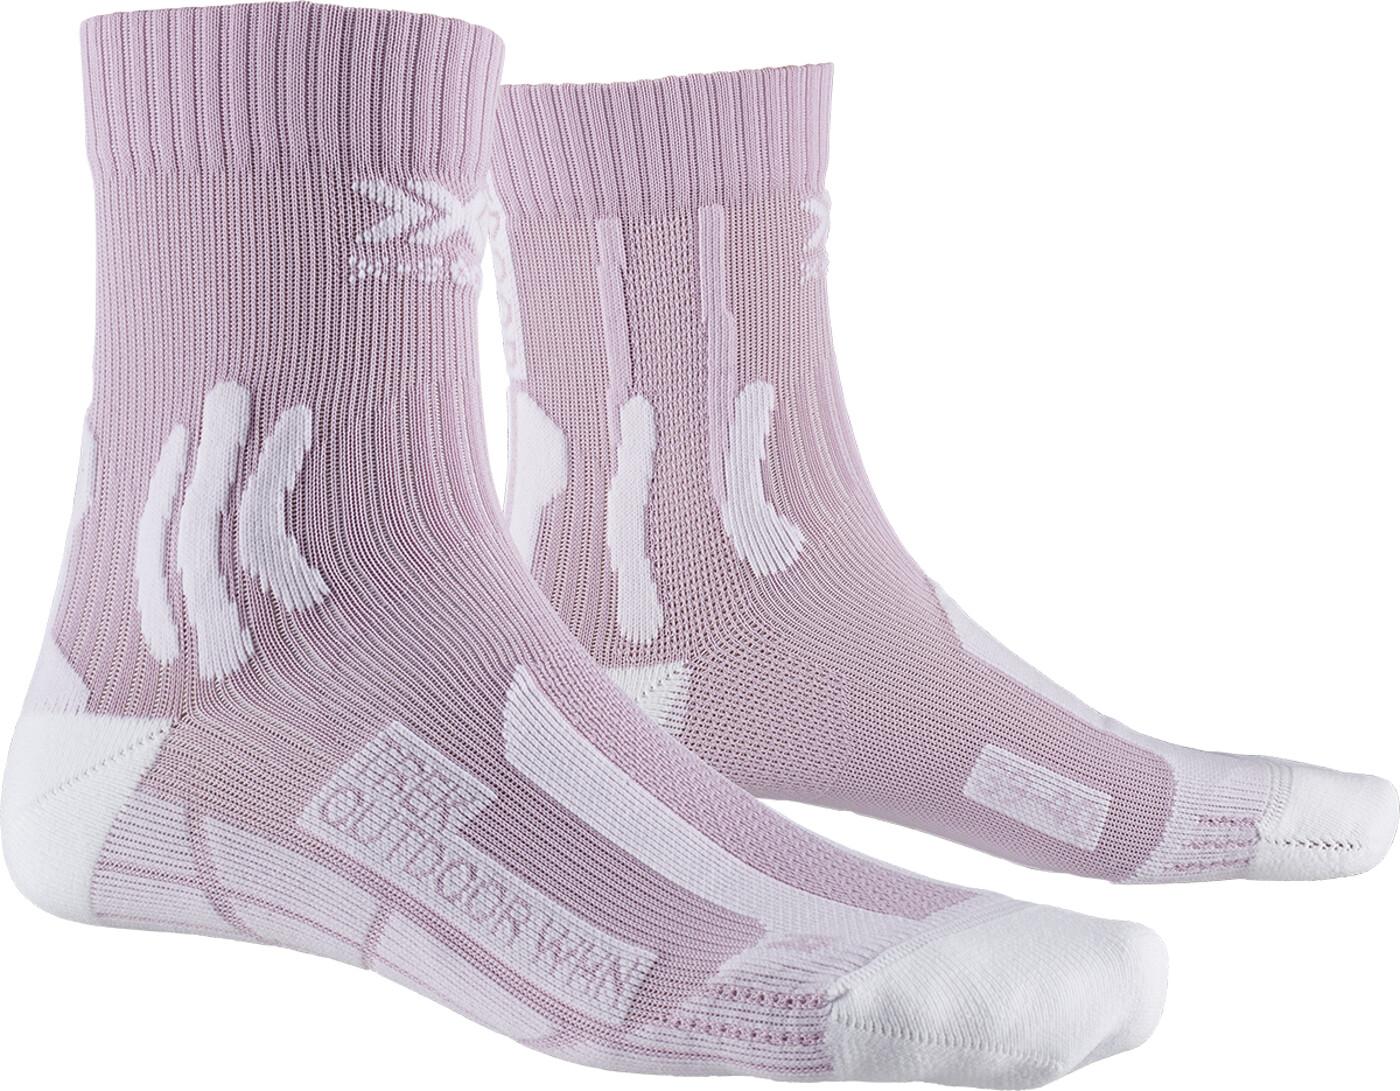 X-BIONIC TREK OUTDOOR Socken - Damen